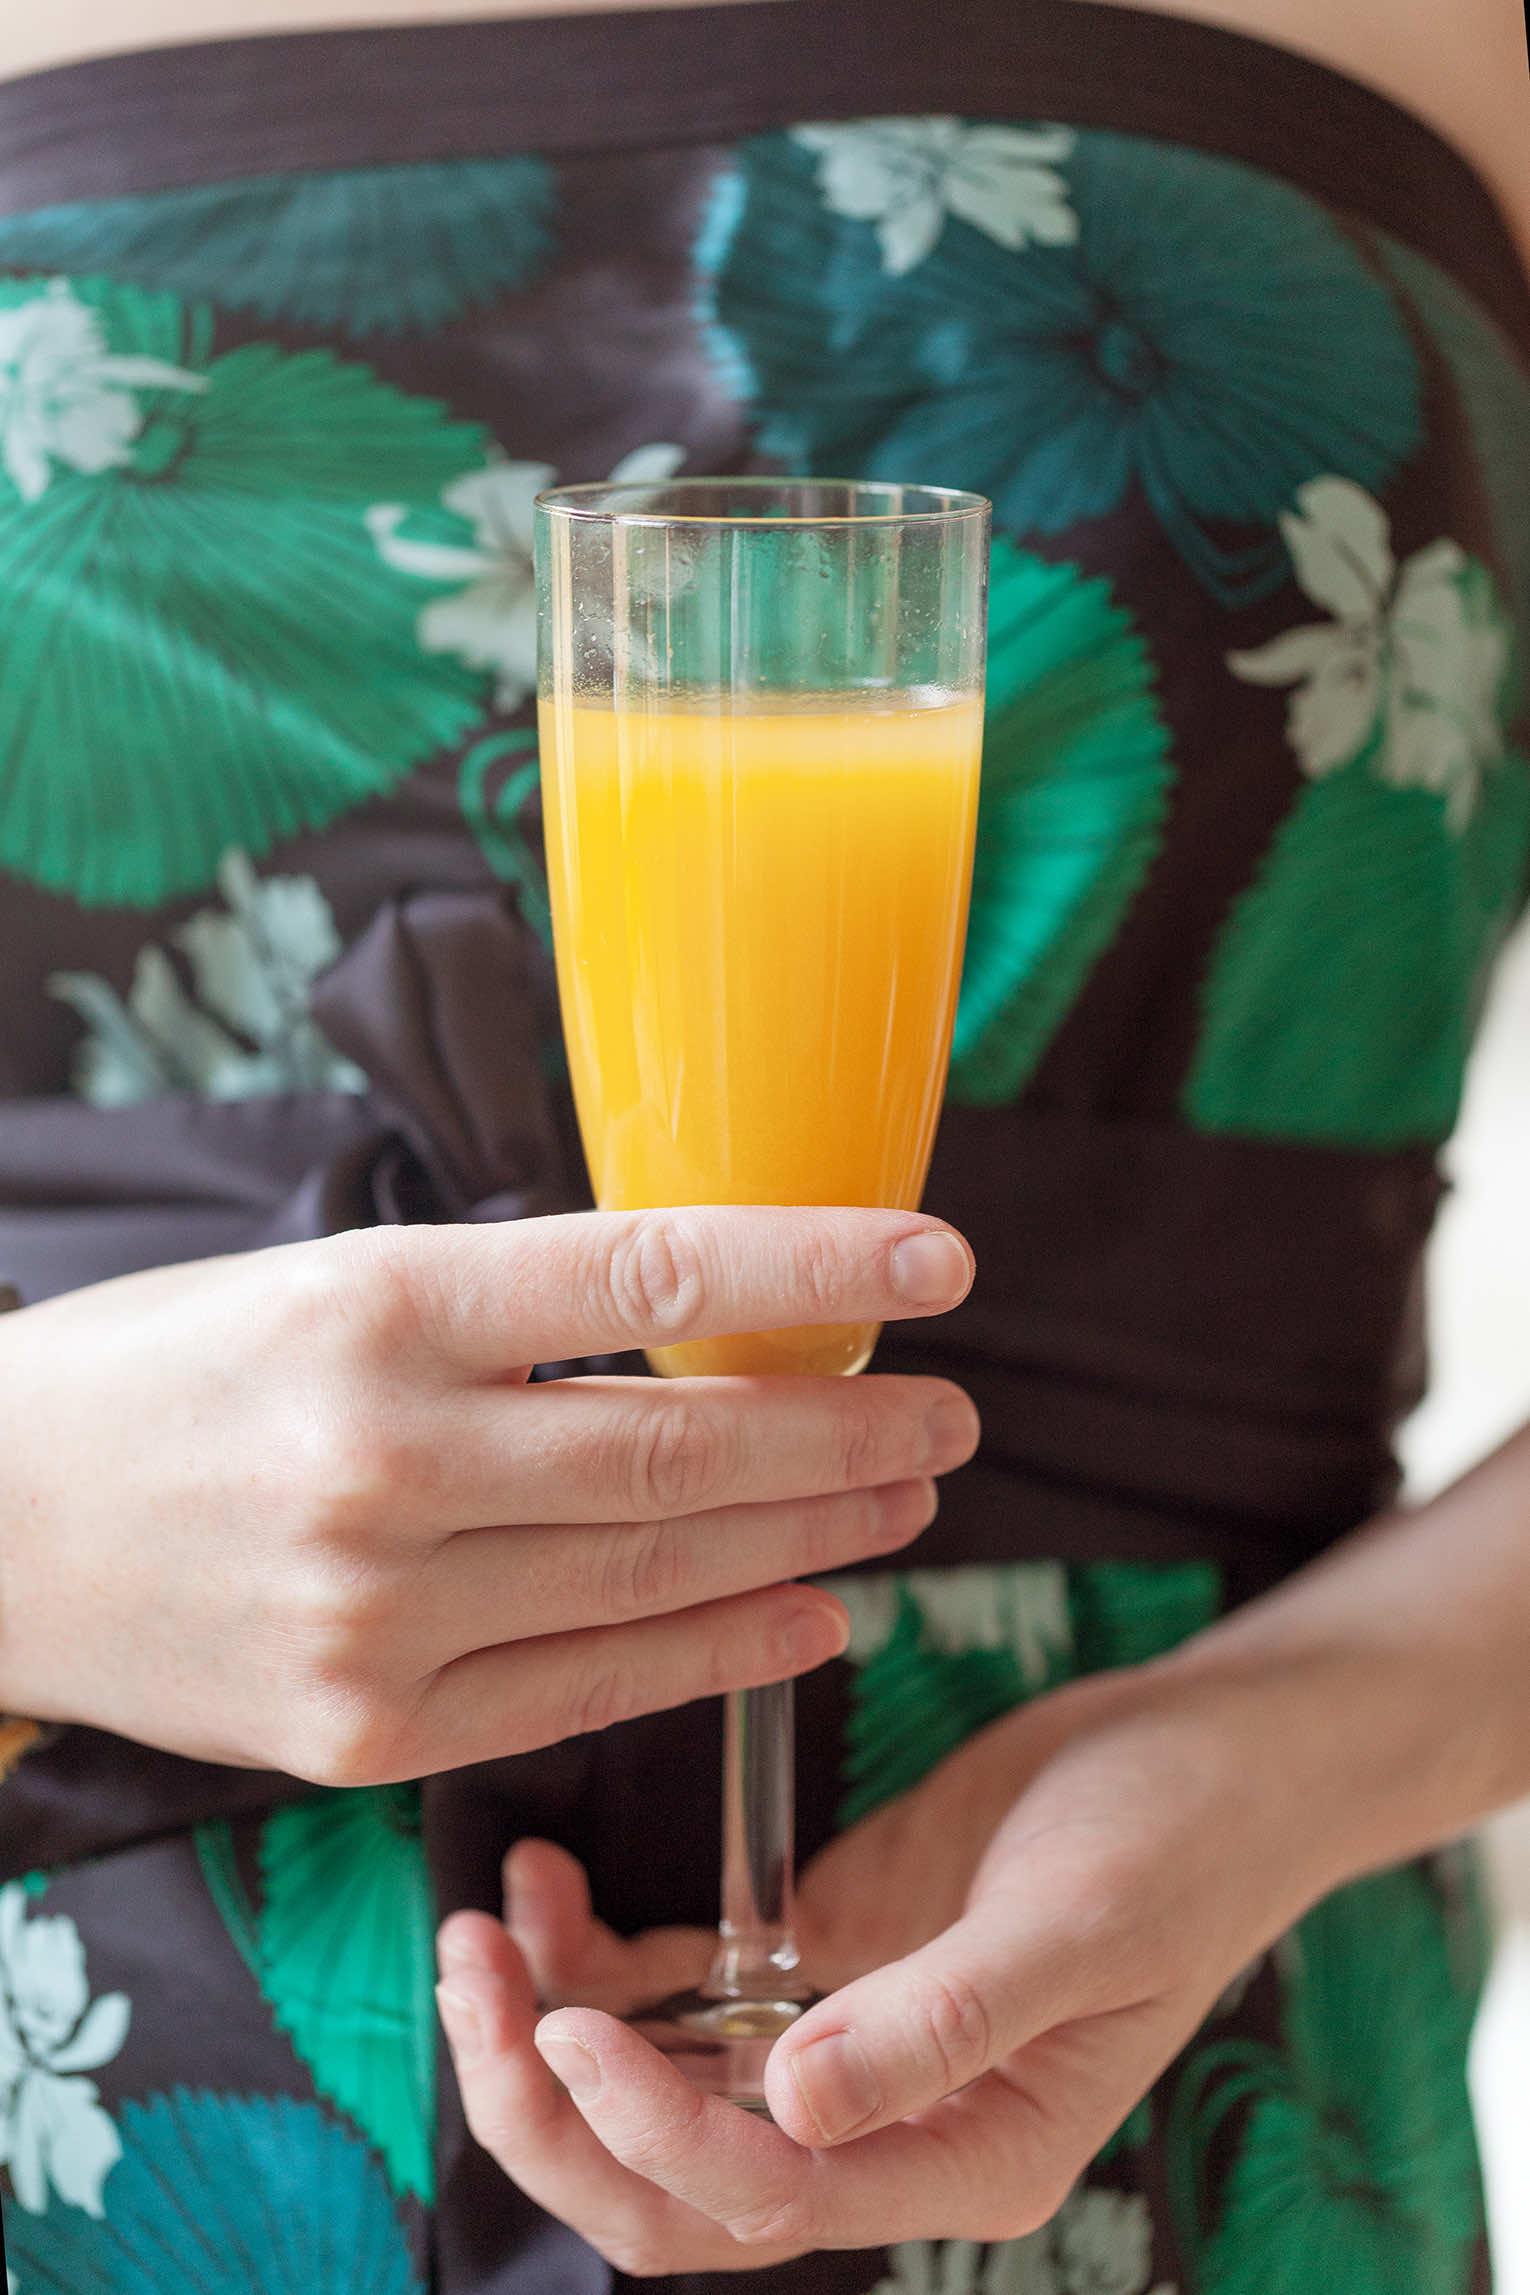 Gul drink påskdrink välkomstdrink fördrink